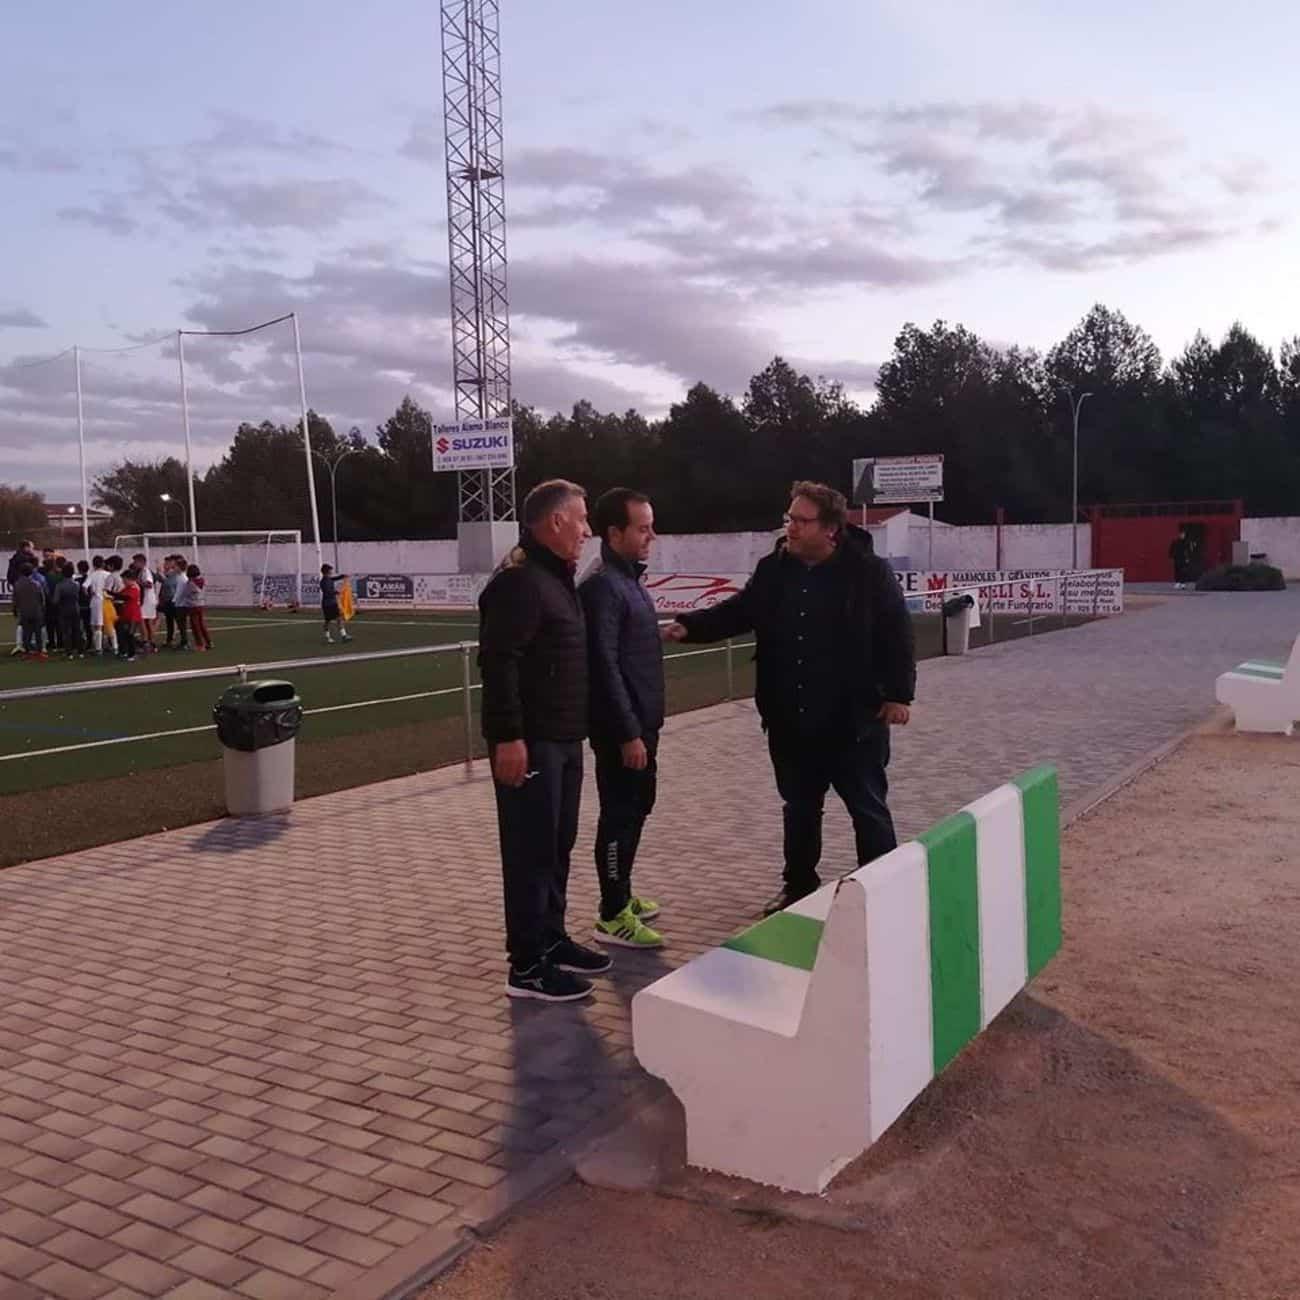 mejoras campo futbol herencia 3 - Mejoras en las instalaciones del campo de fútbol de Herencia